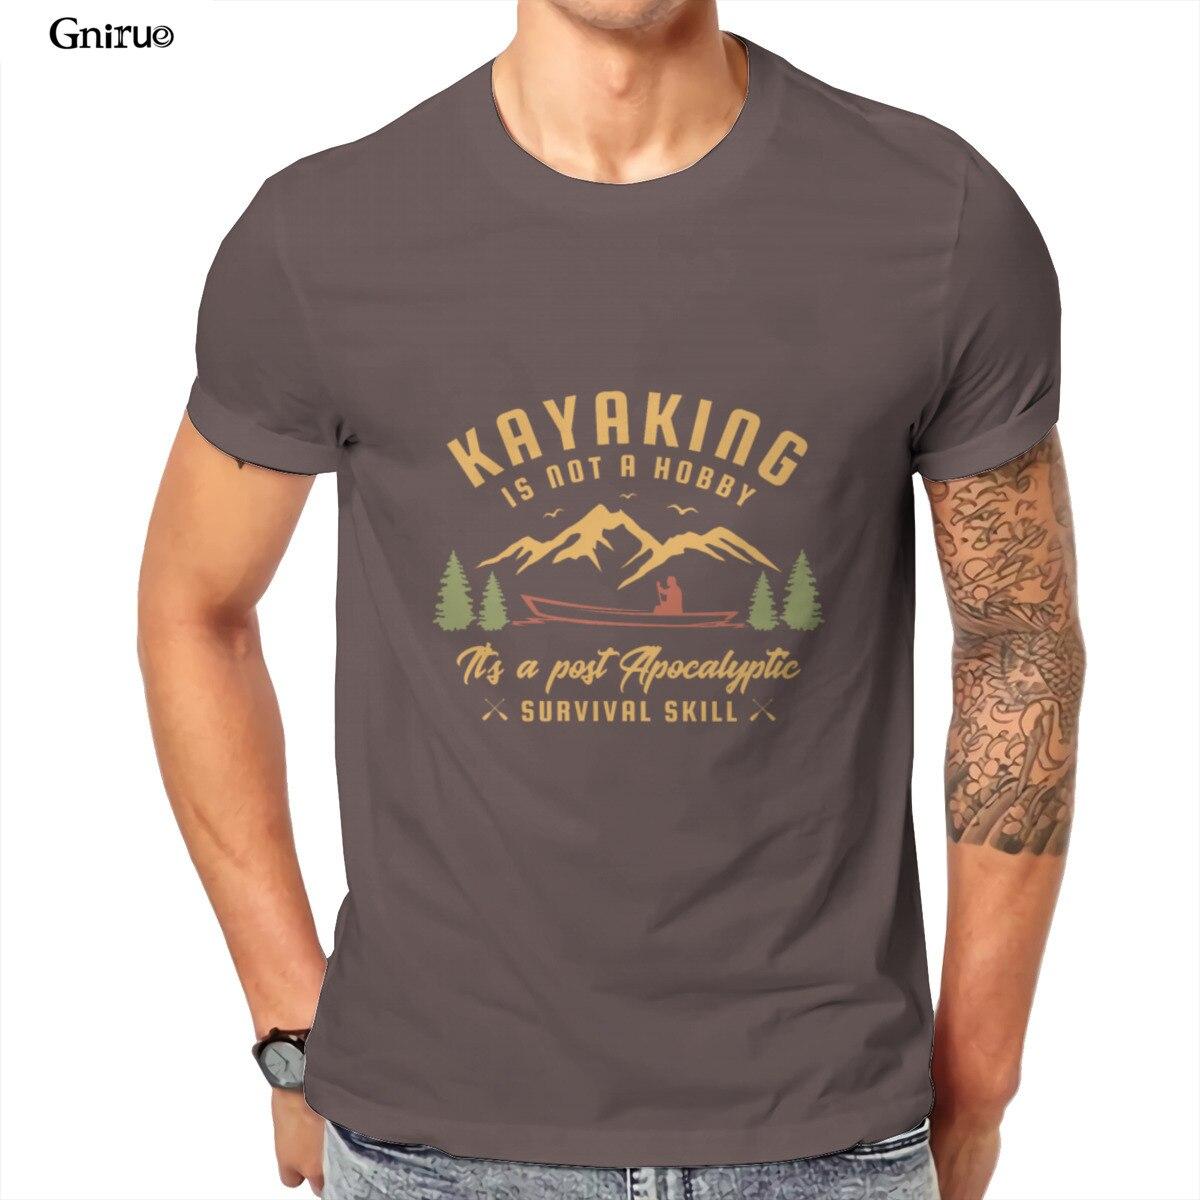 Camiseta de Kayak no es un pasatiempo, para hombres y parejas, Punk,...